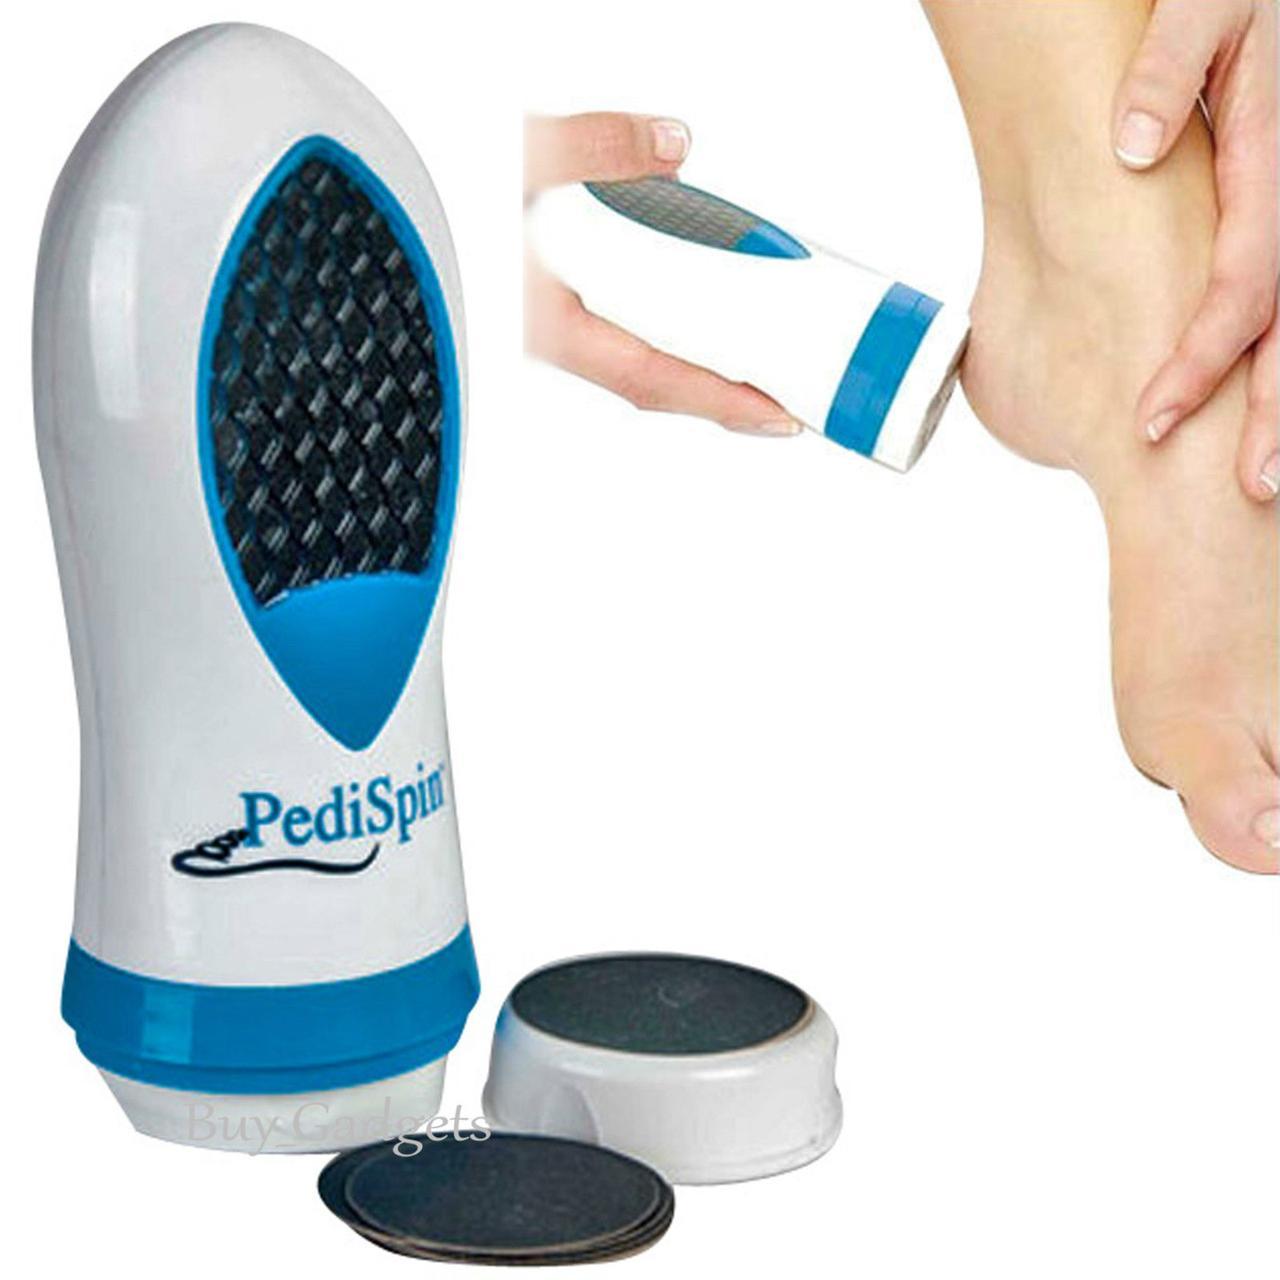 Электрическая пемза для педикюра Pedi Spin, Педикюрный набор Педи